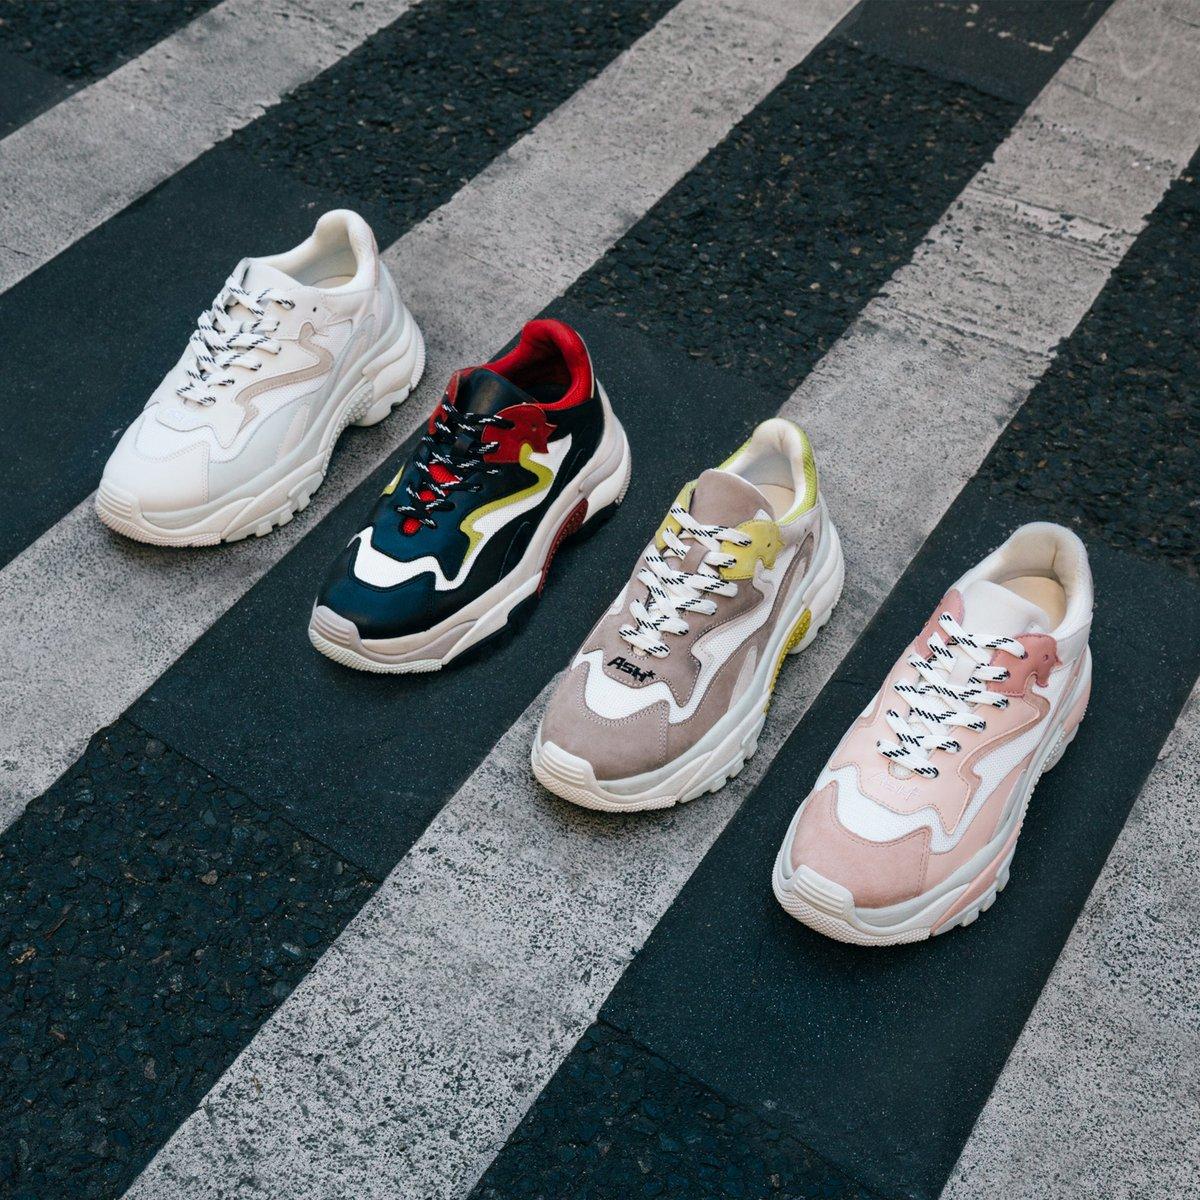 3eae10e17c8 Ash Footwear UK on Twitter: